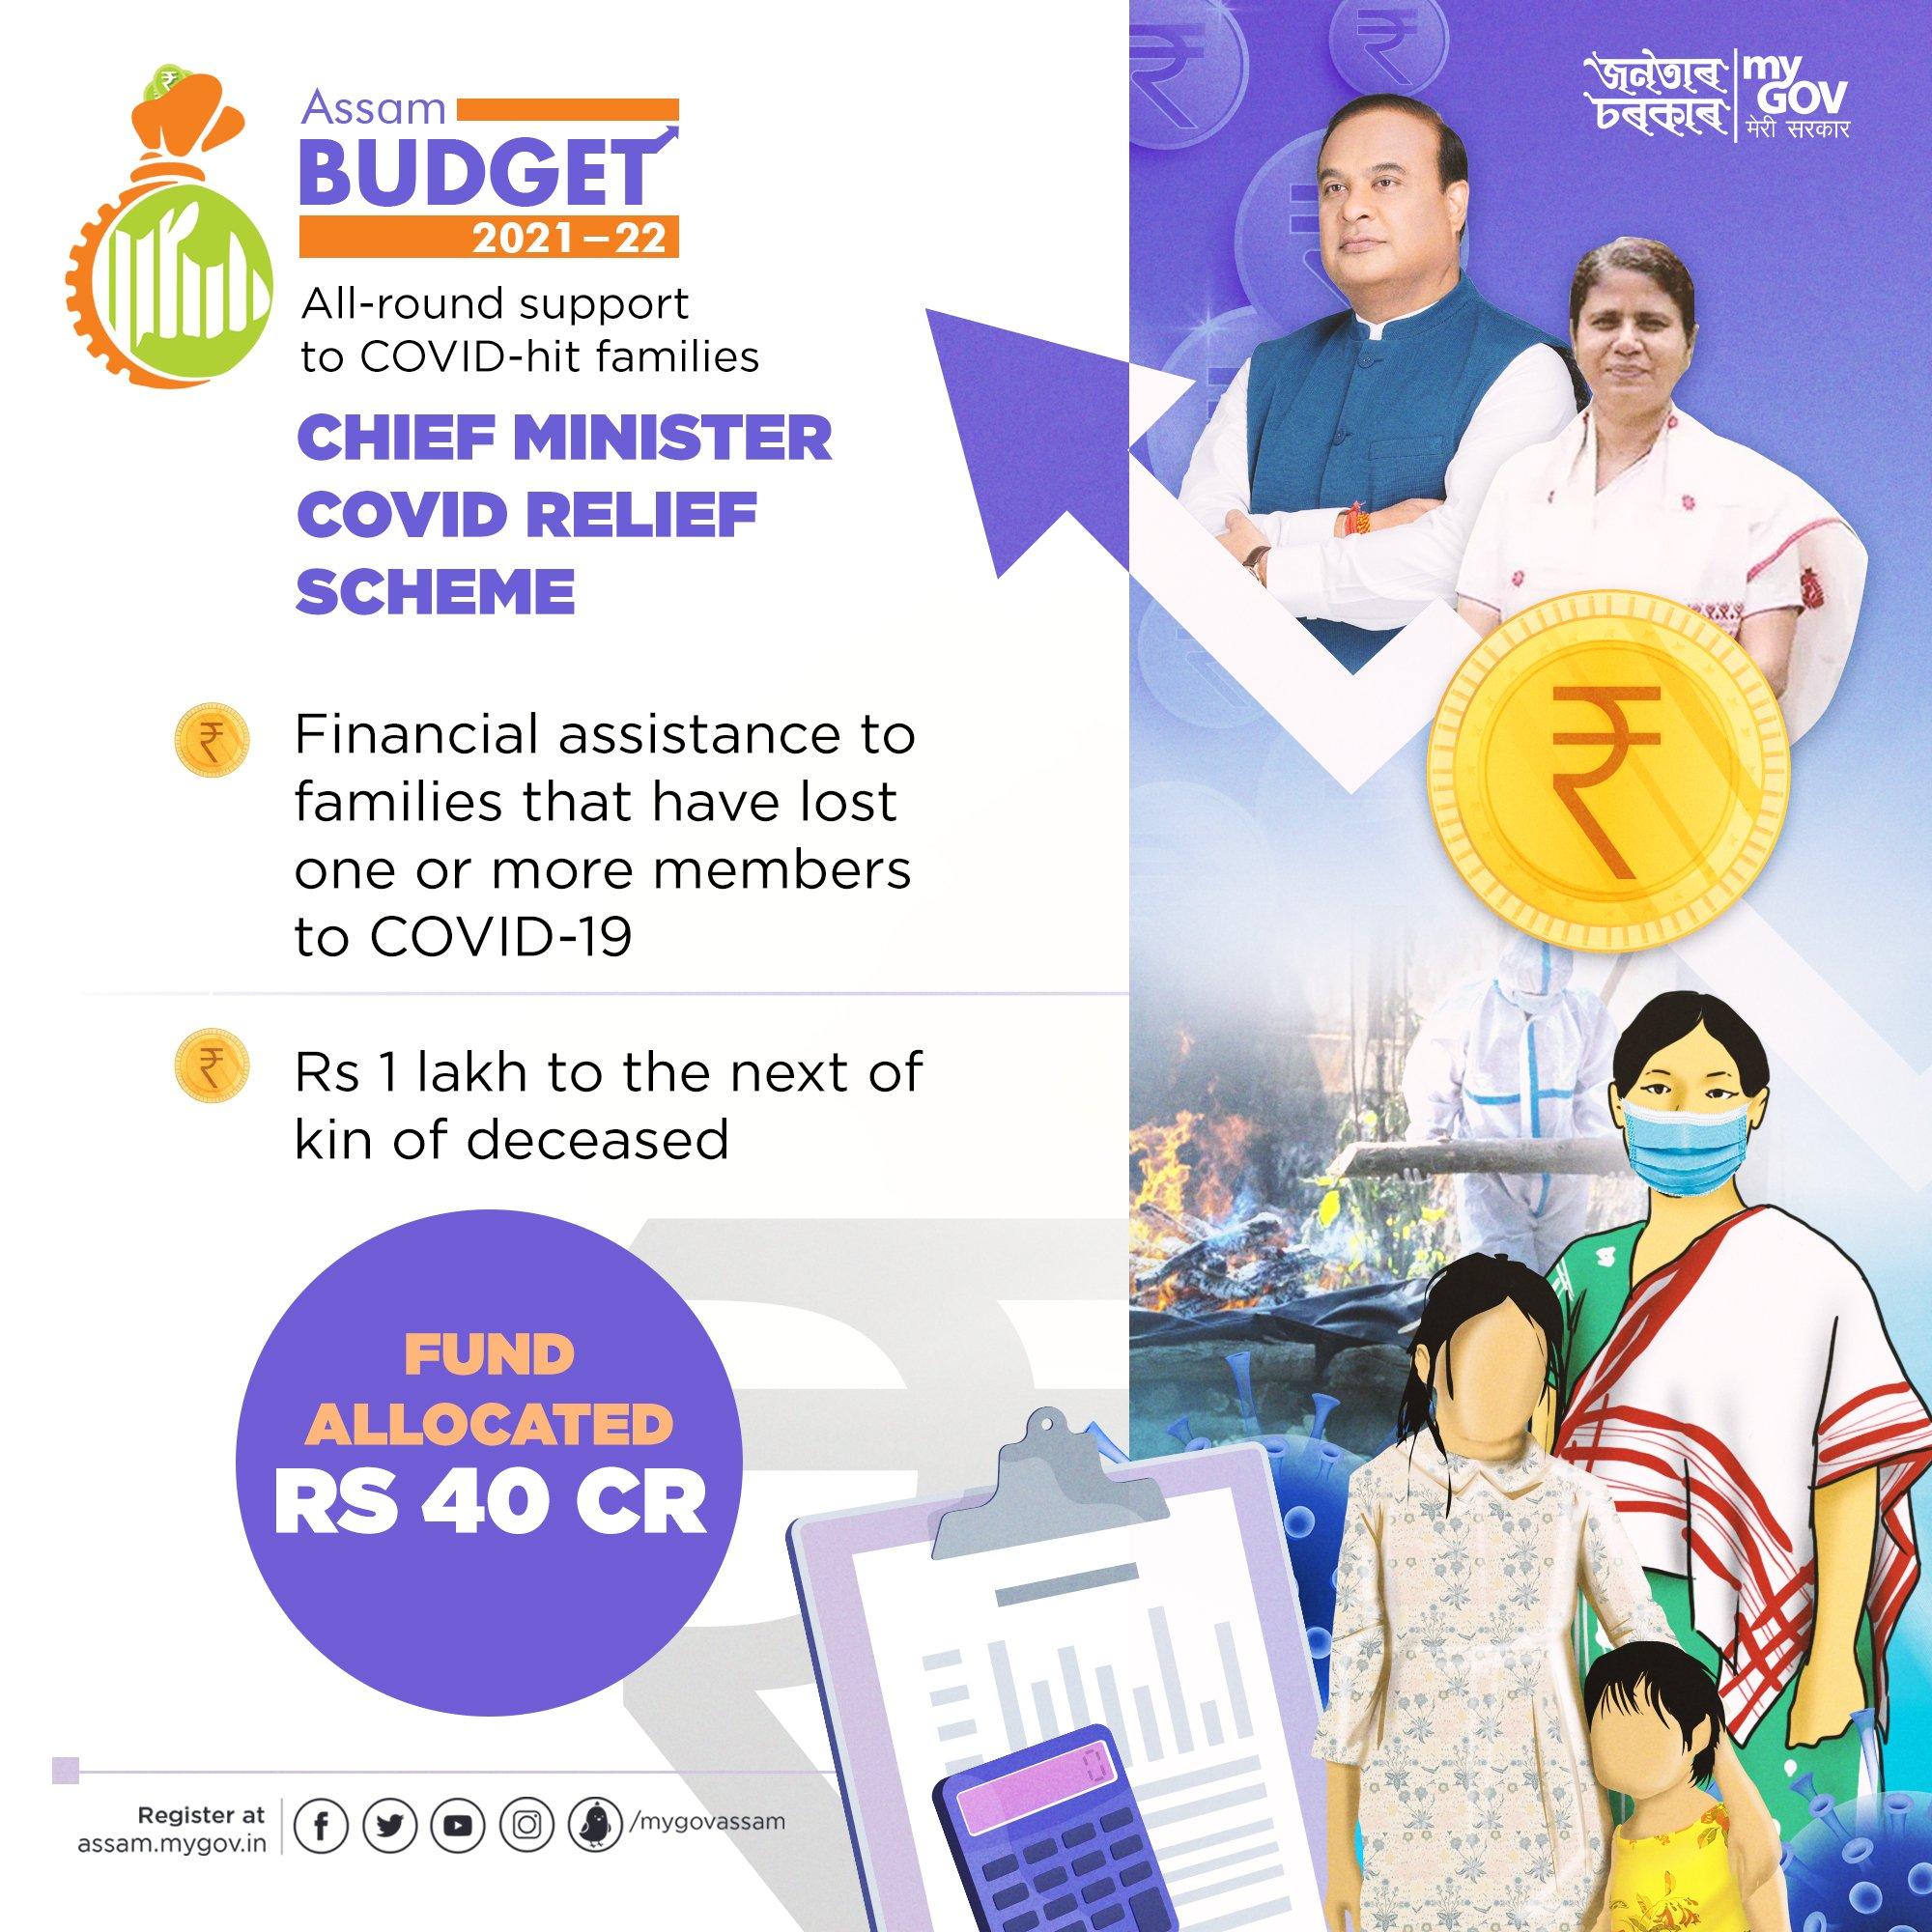 असम में 566 करोड़ रुपये घाटे का बजट पेश